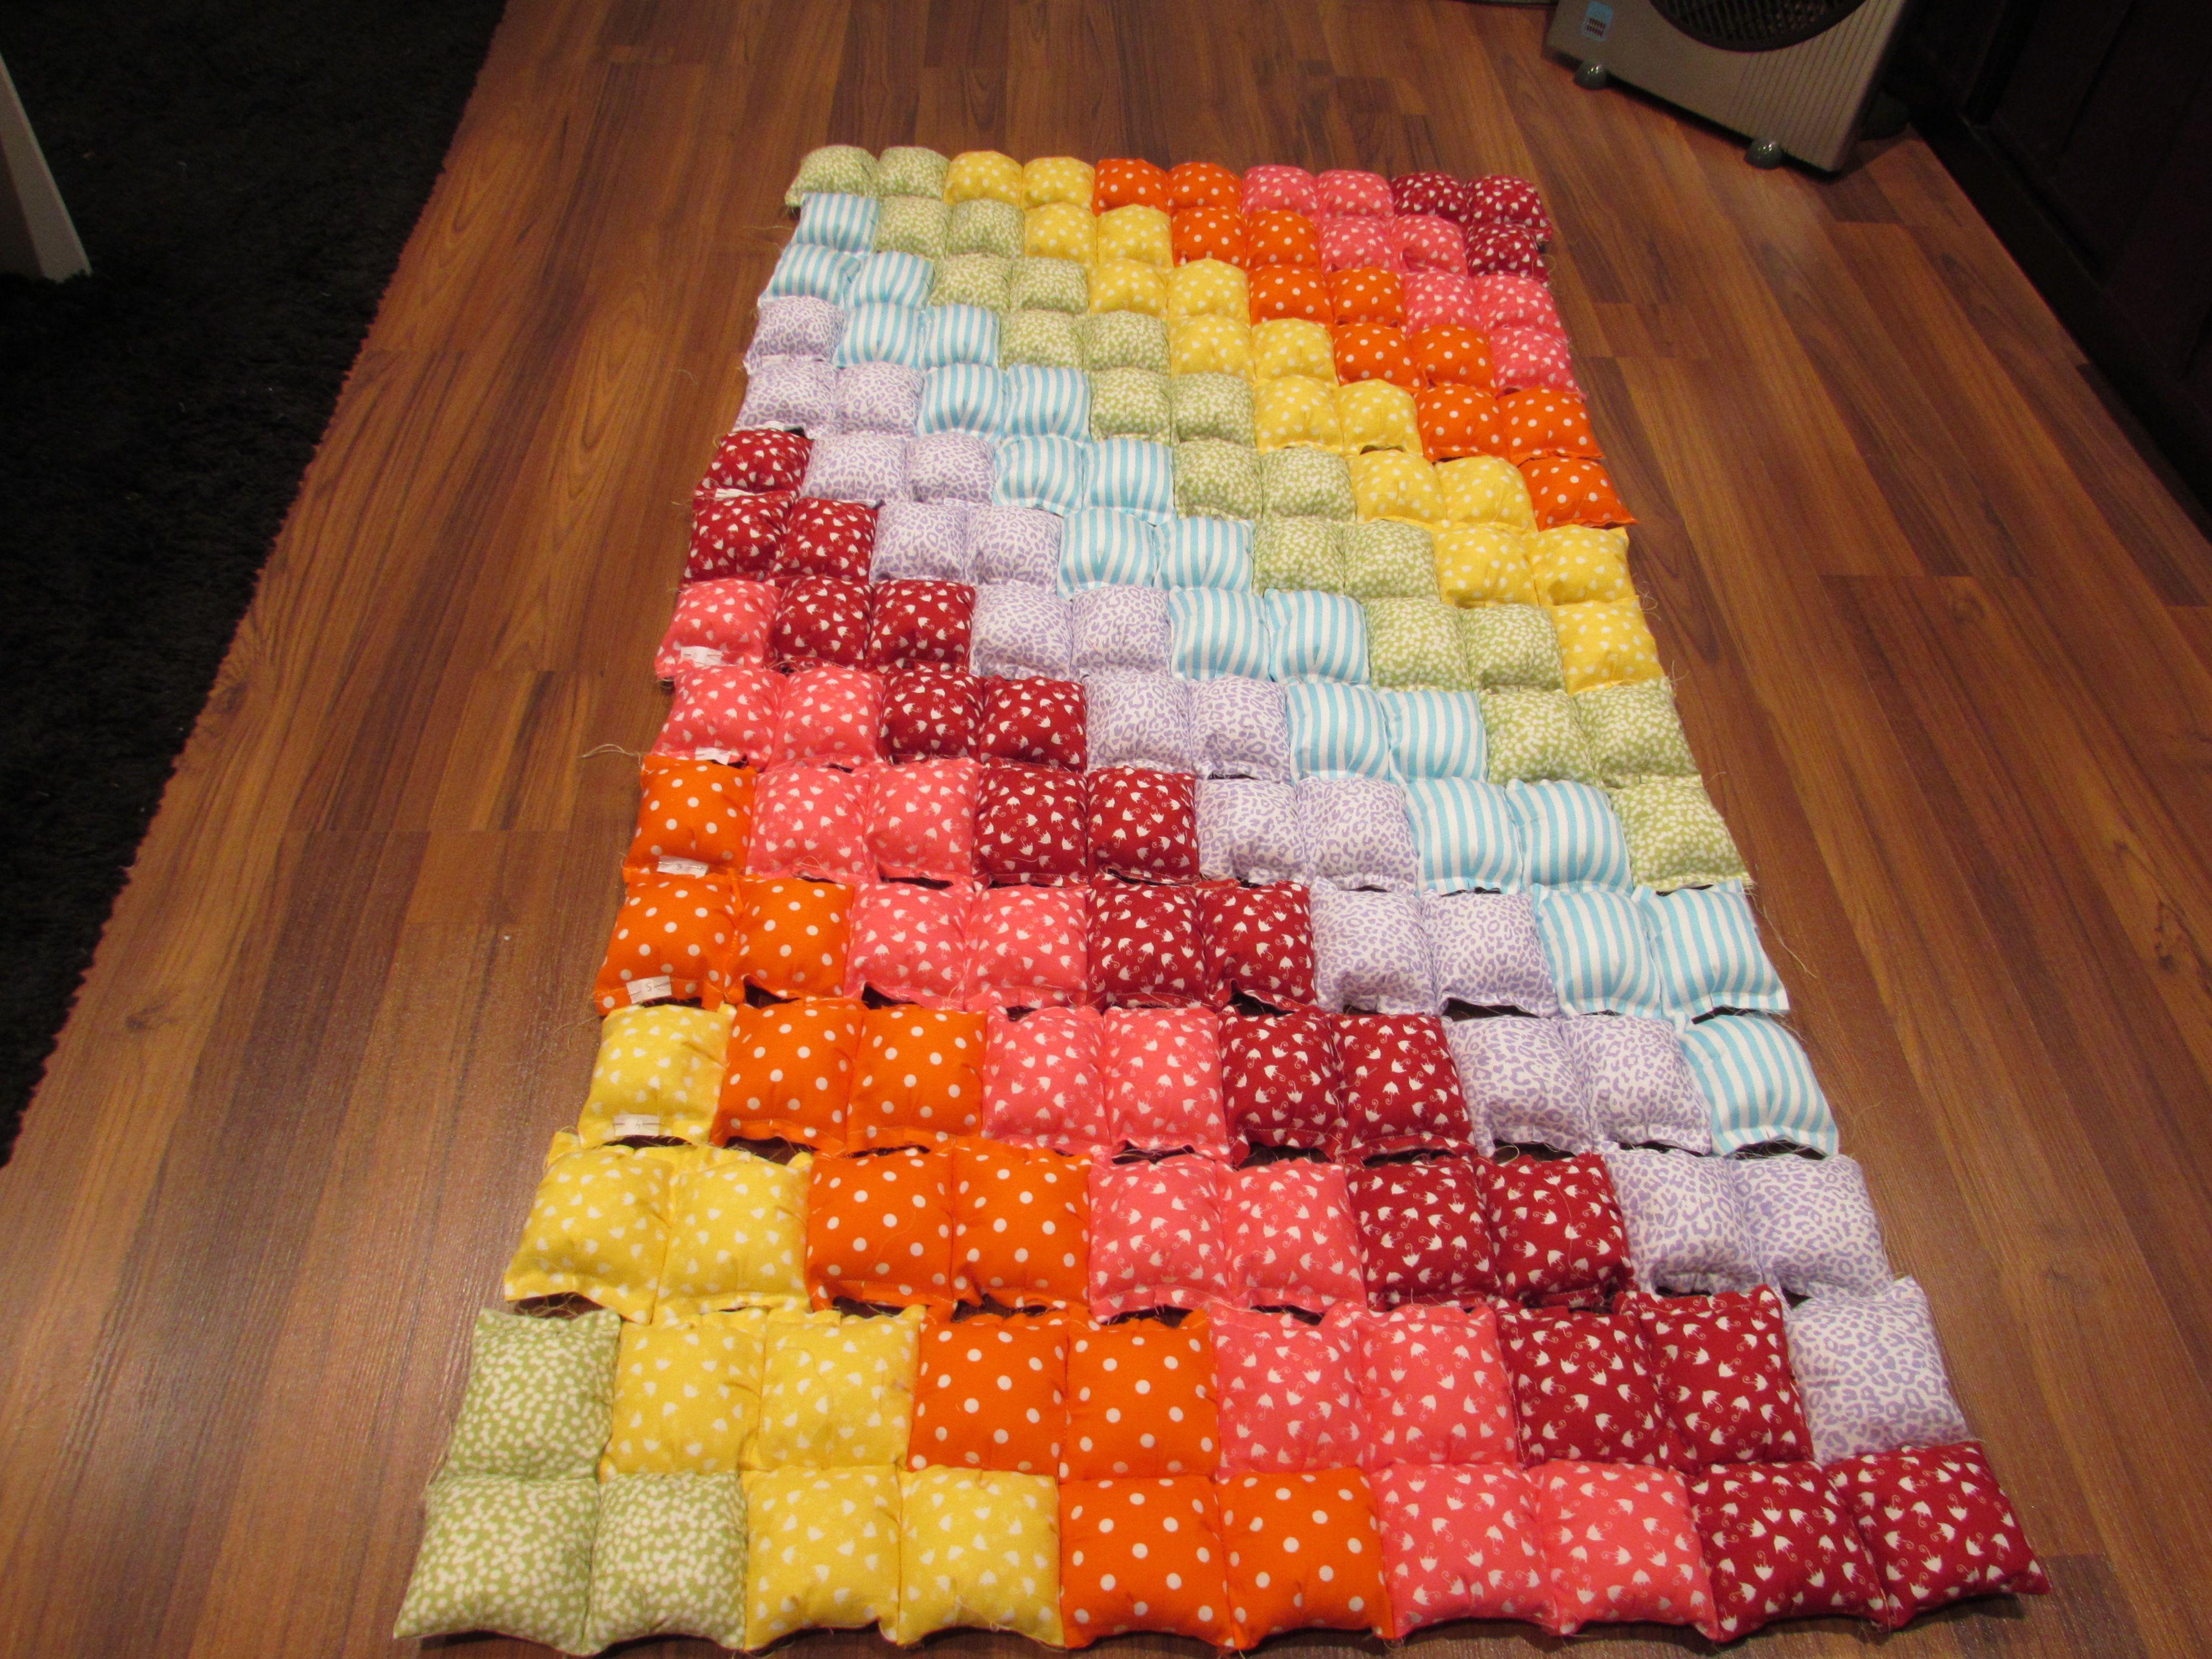 Puff quilt alfombra de juegos para bebes alfombra bebe puff quilt manta juegos bebe - Alfombras para bebes lavables ...